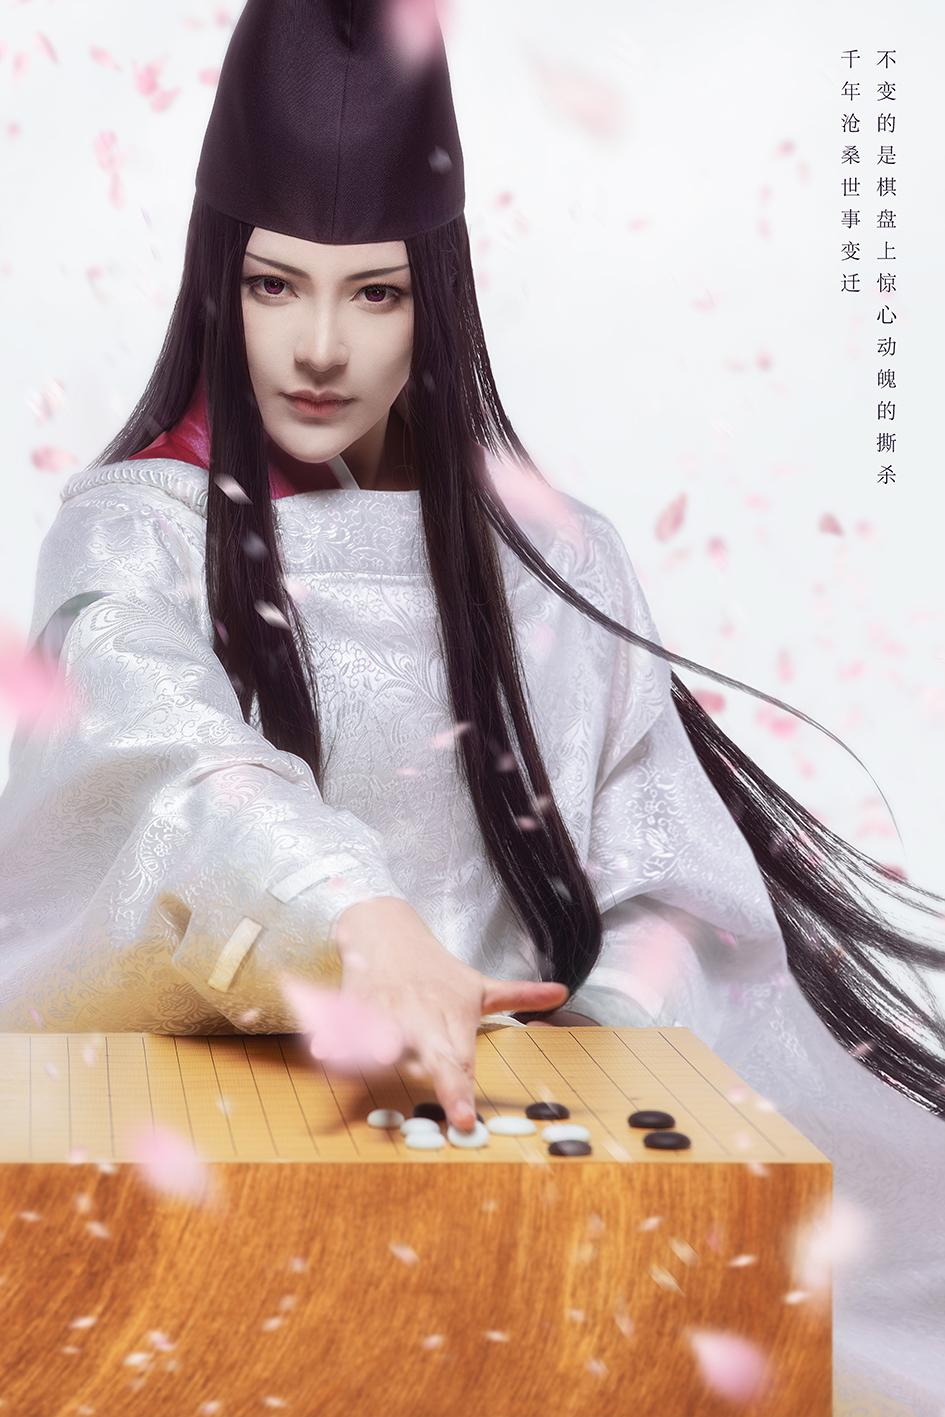 《棋魂》正片cosplay【CN:阿佐】-第2张